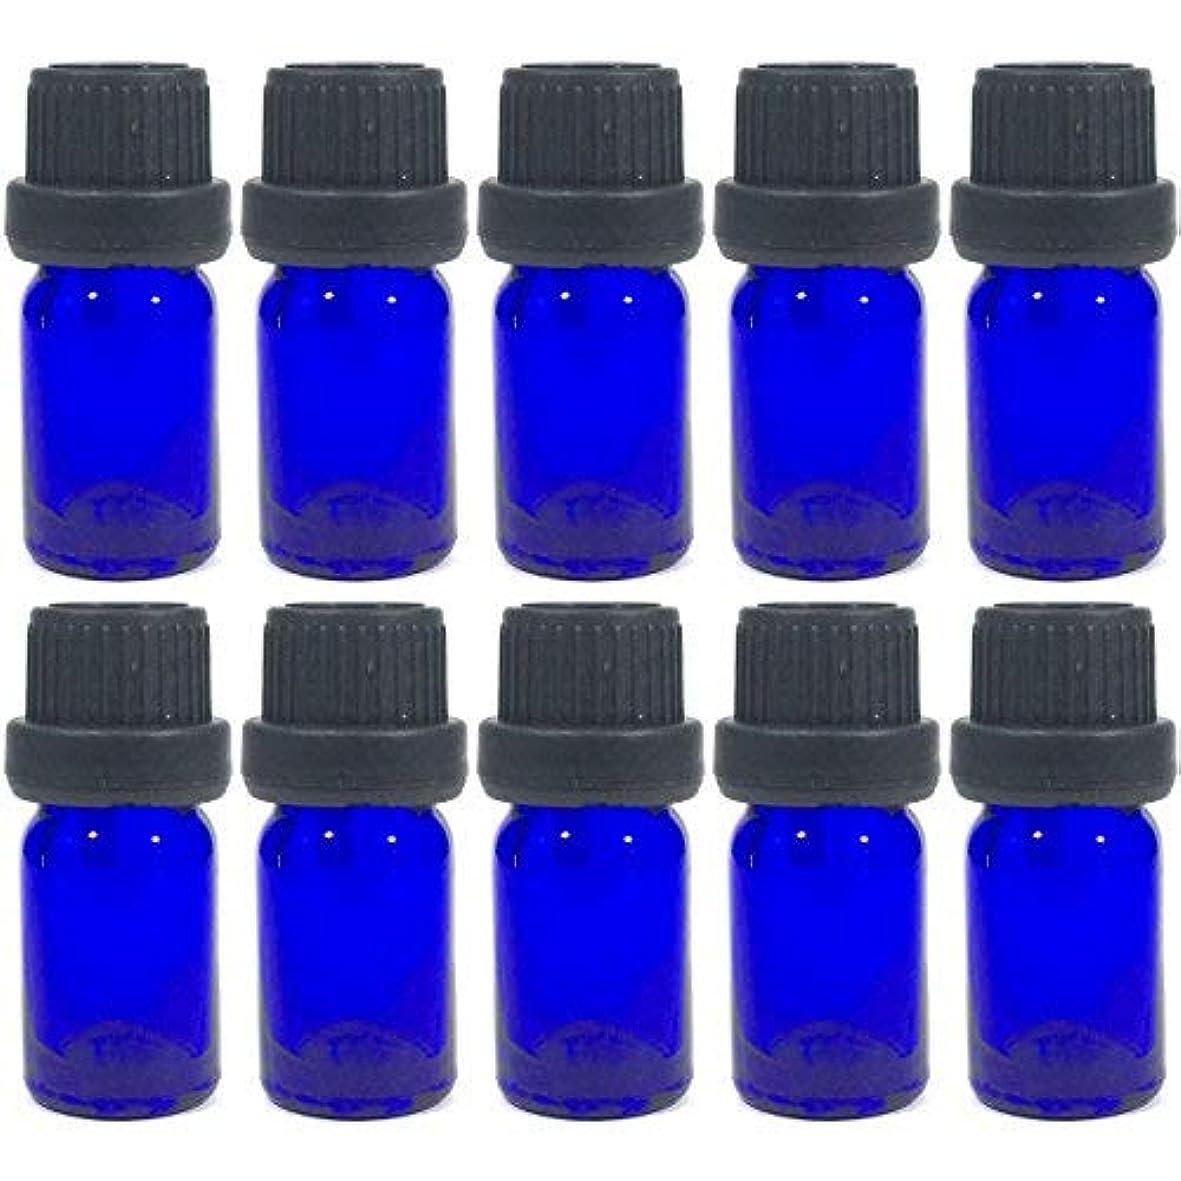 サンダードループパス遮光瓶 10本セット ガラス製 アロマオイル エッセンシャルオイル アロマ 遮光ビン 保存用 精油 ガラスボトル 保存容器詰め替え 青色 ブルー ドロッパー付き (5ml?10本)